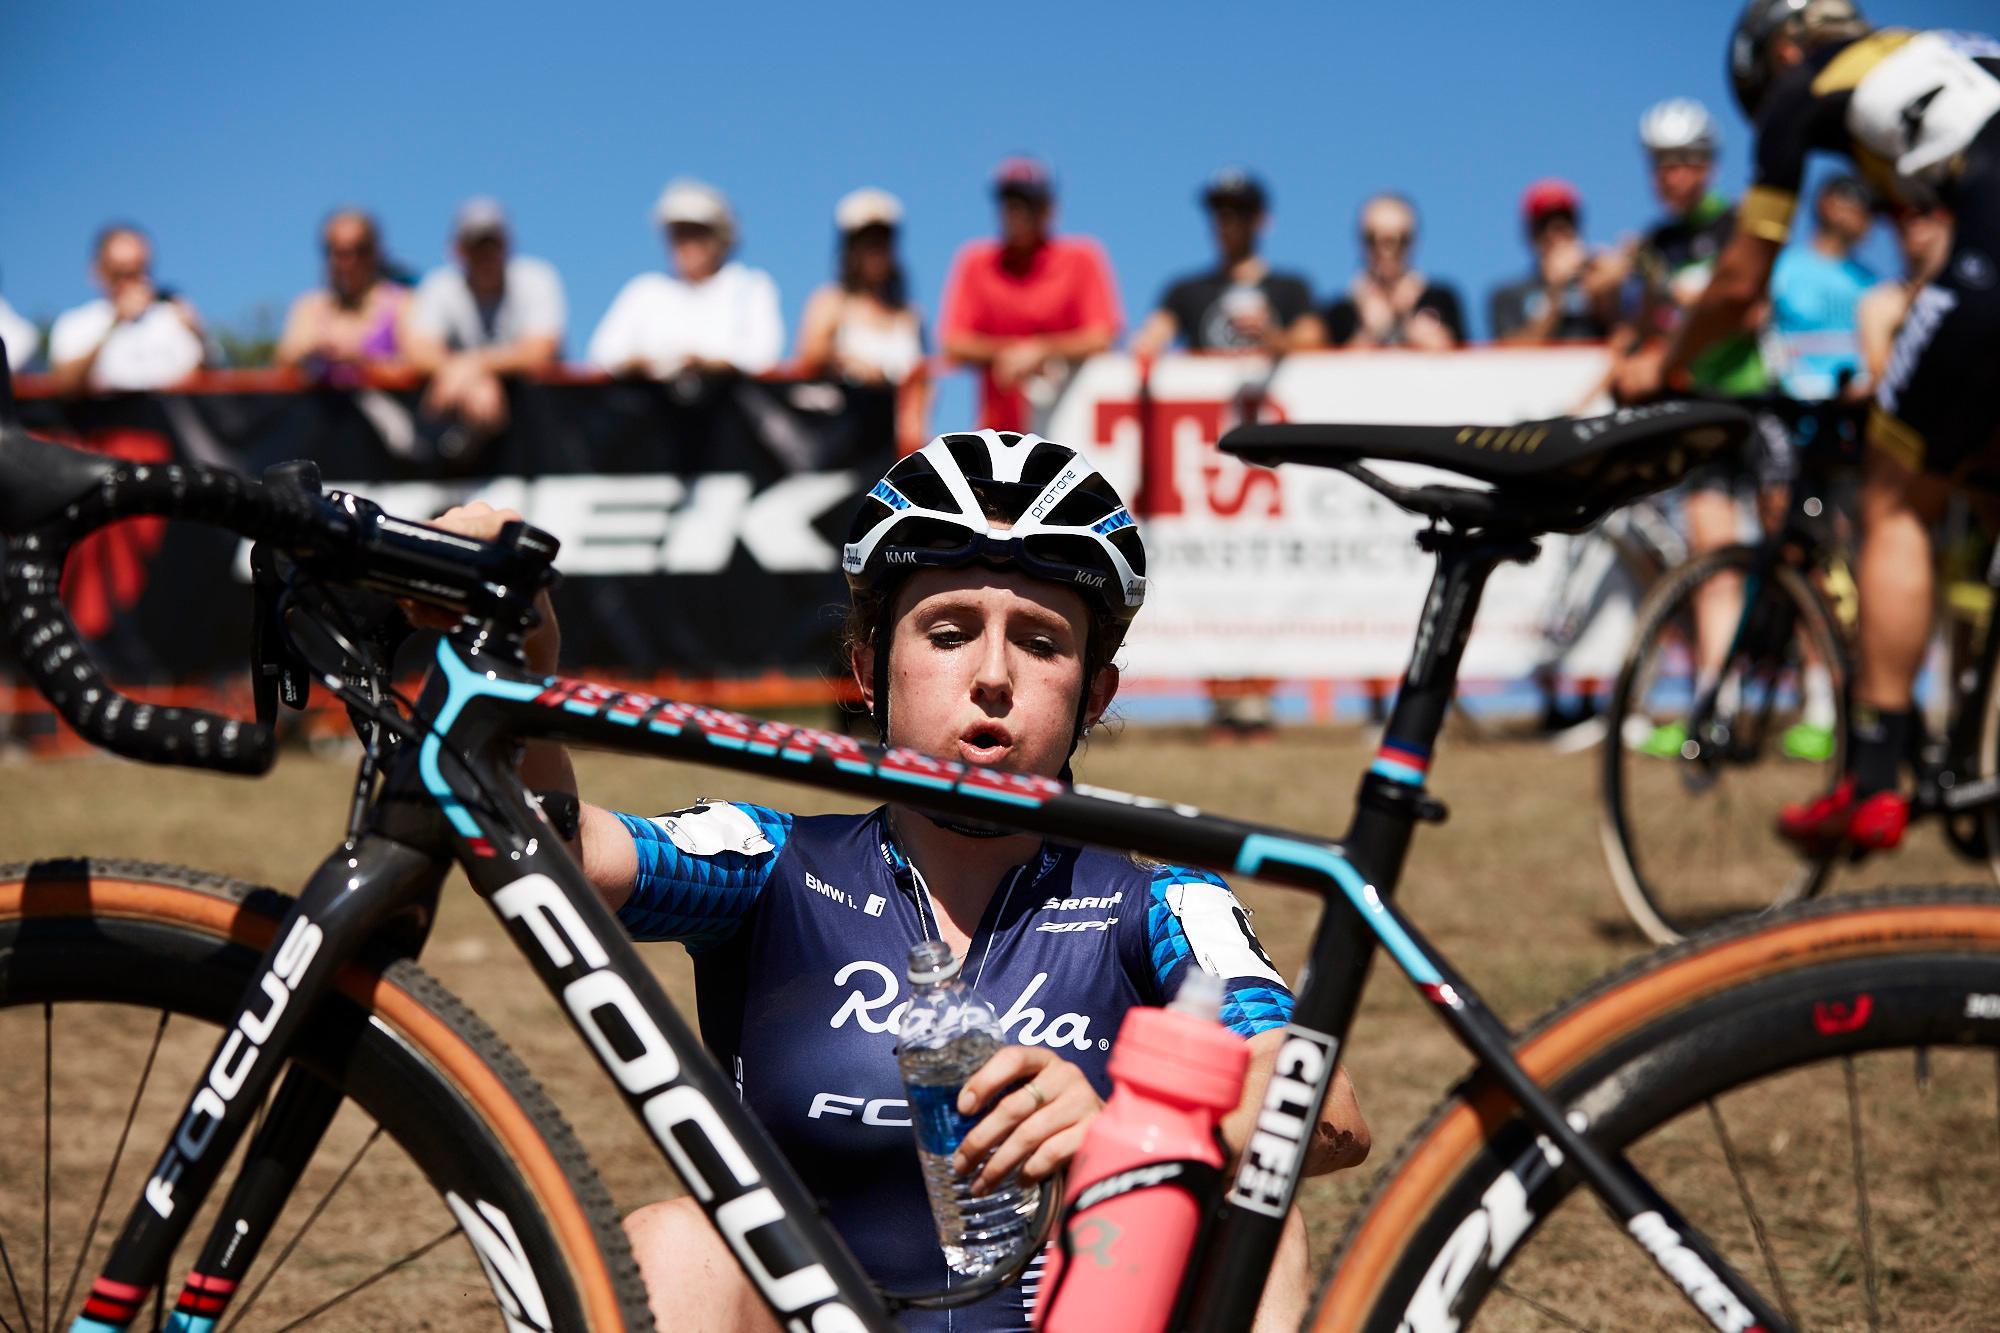 Ellen Noble 2nd, post race face 1.